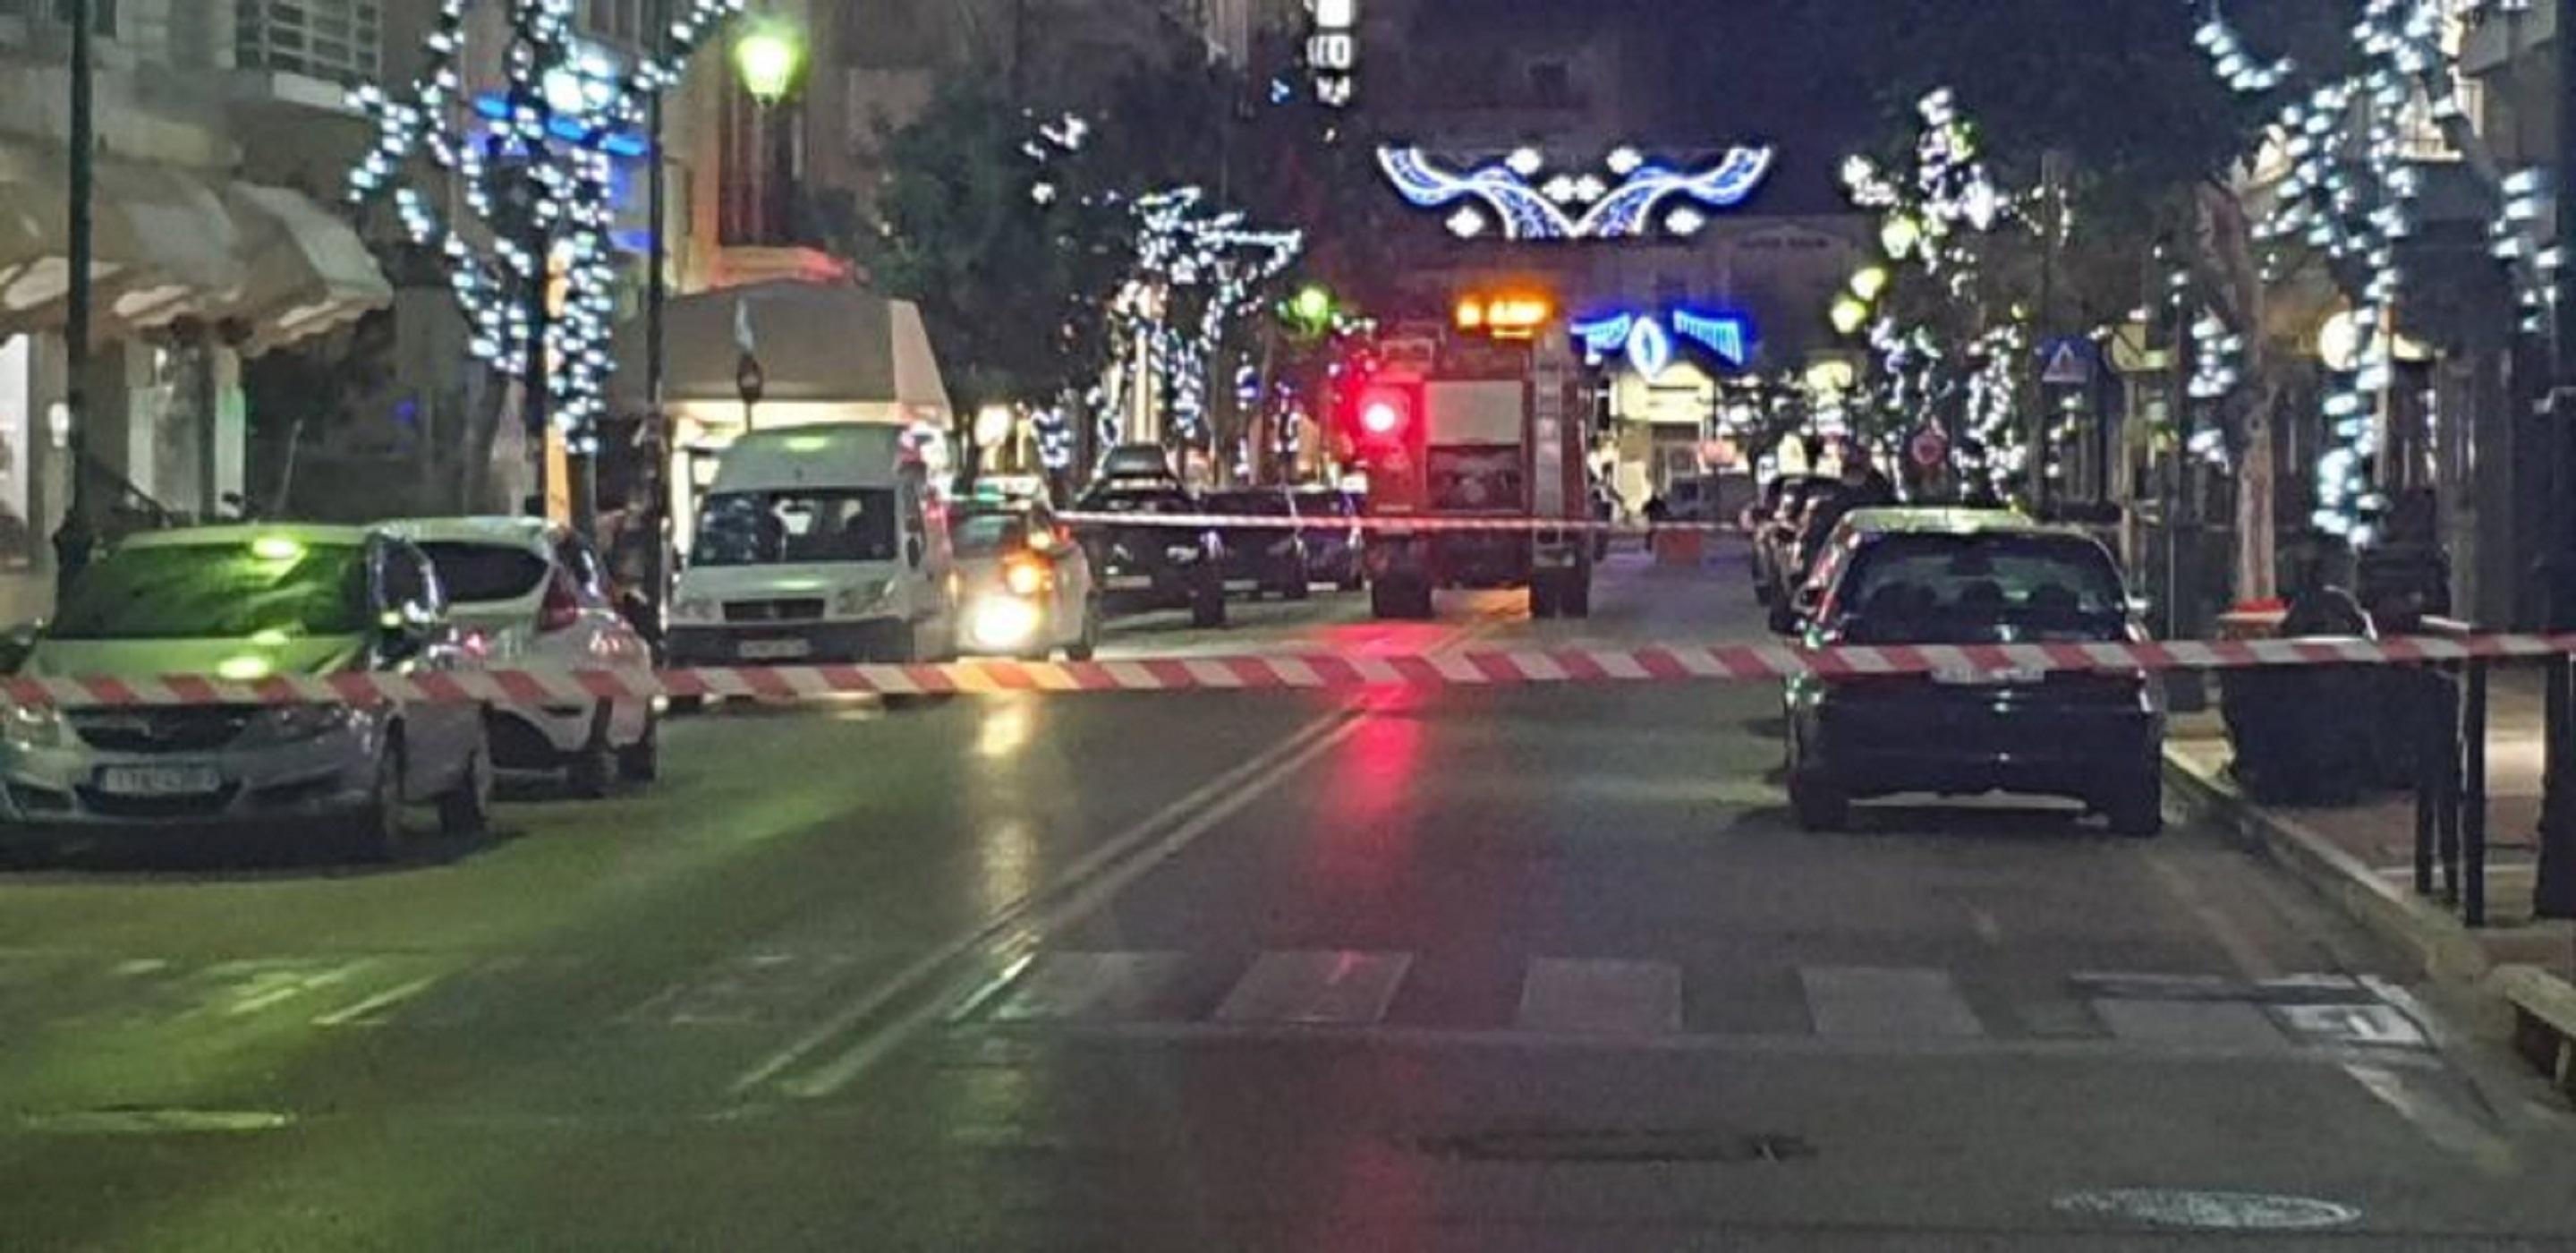 Αποτέλεσμα εικόνας για Συναγερμός στο Λουτράκι:  Τηλεφώνημα για βόμβα – Eίχε αποκλειστεί η περιοχή…